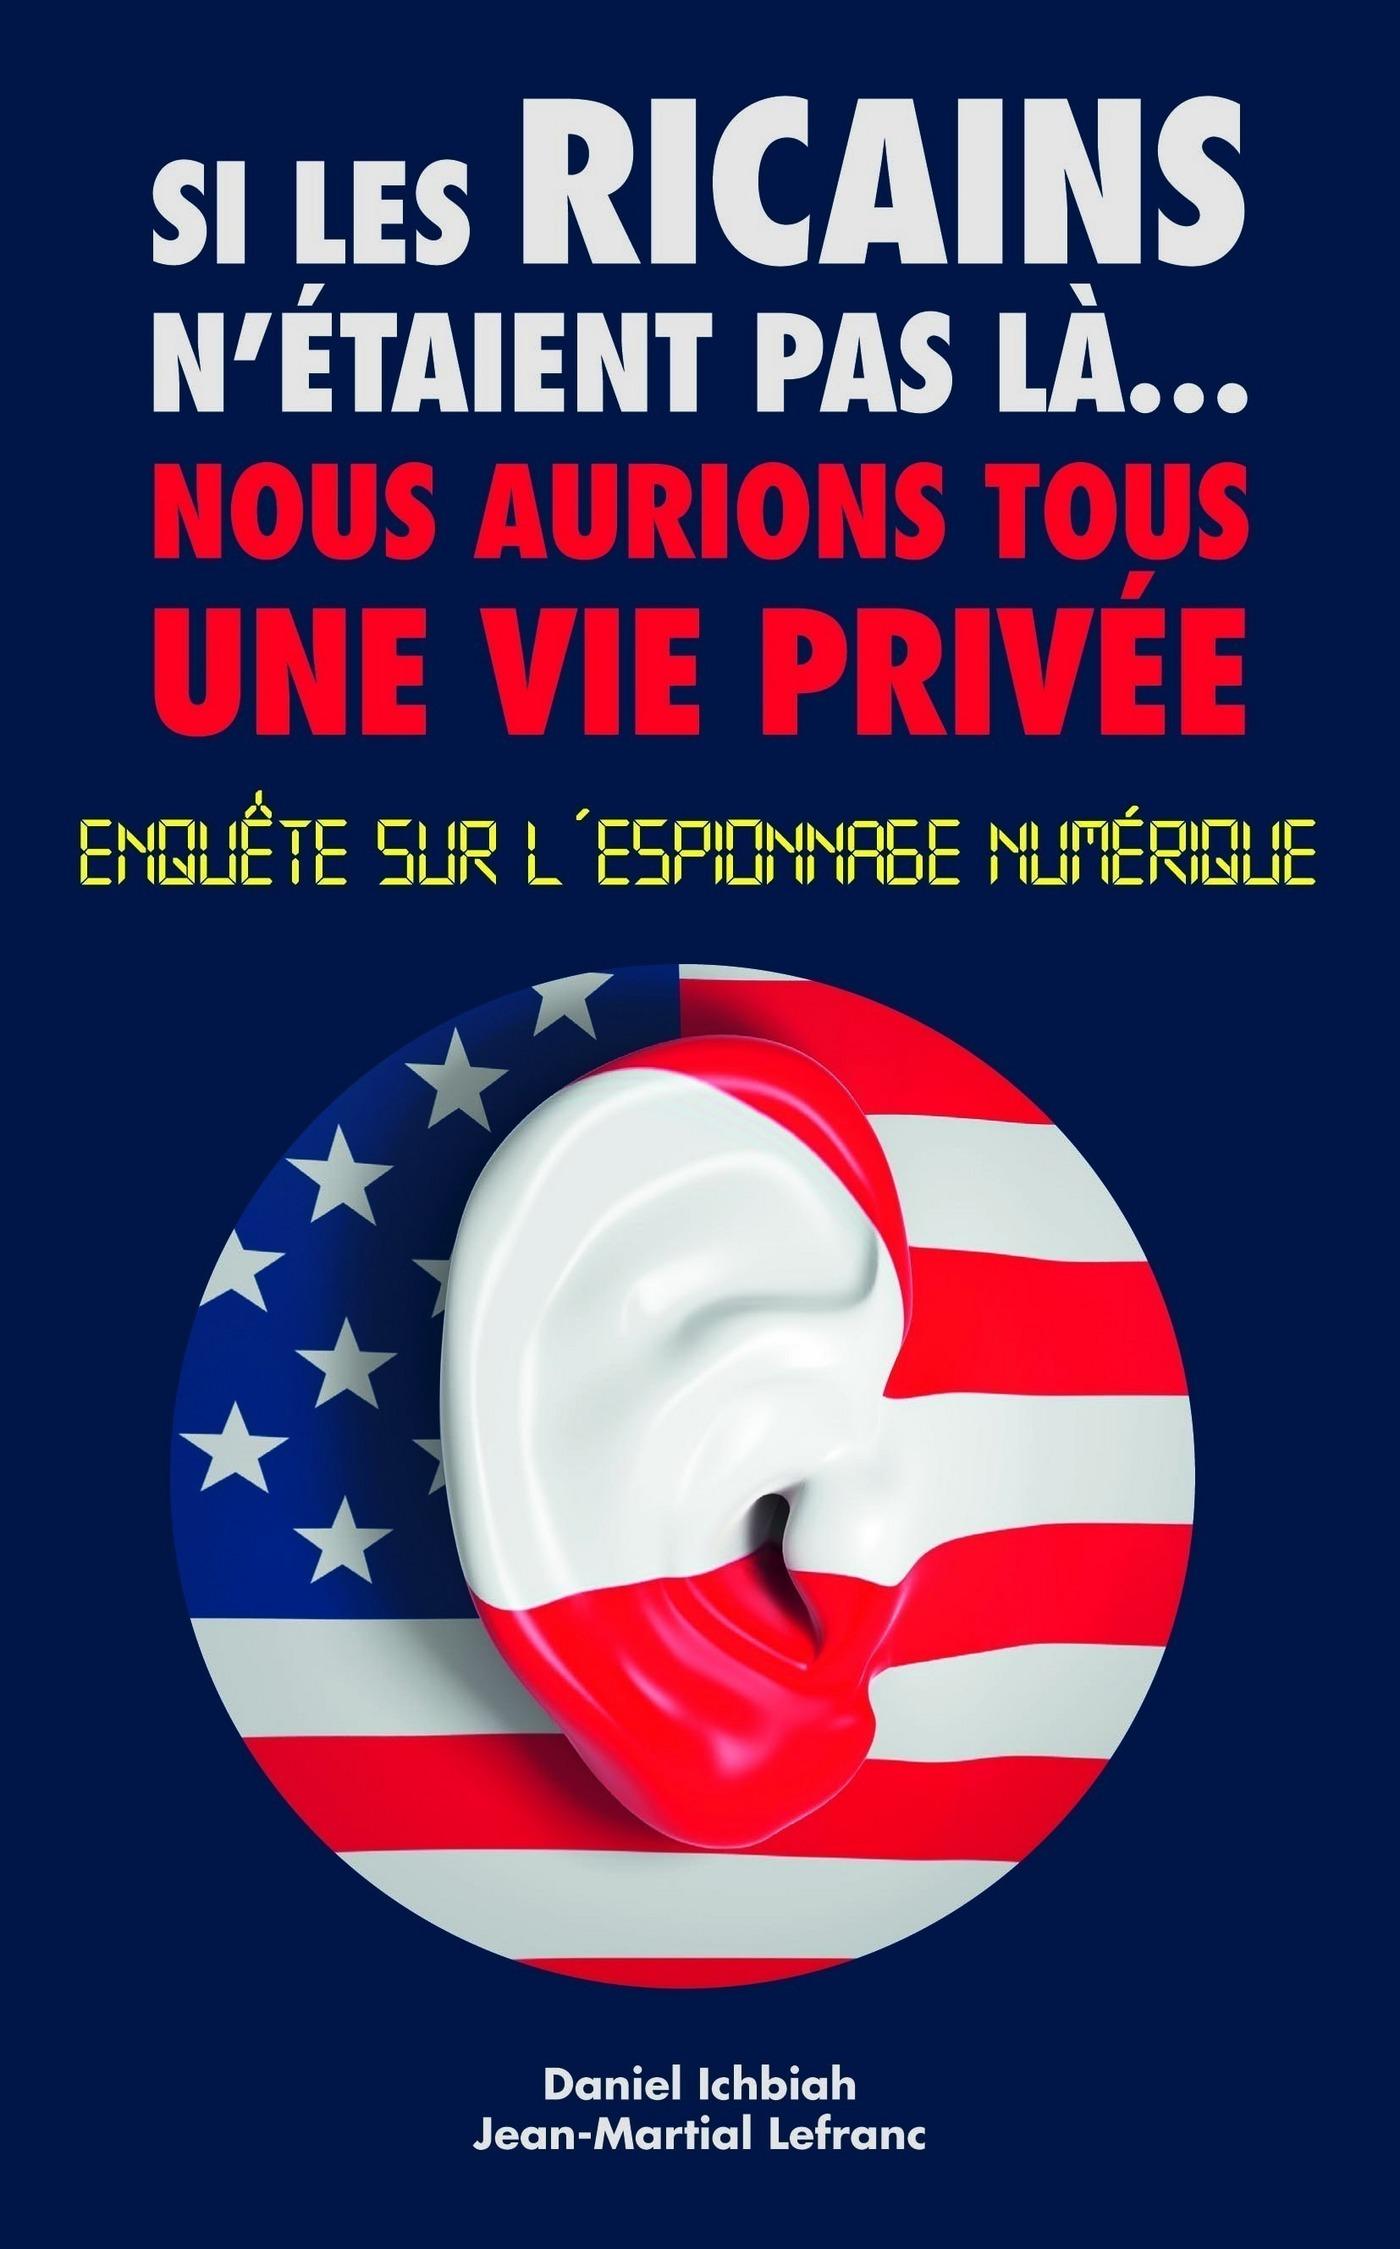 Si les Ricains n'étaient pas là, nous aurions une vie privée - Enquète sur l'espionnage numérique (ebook)